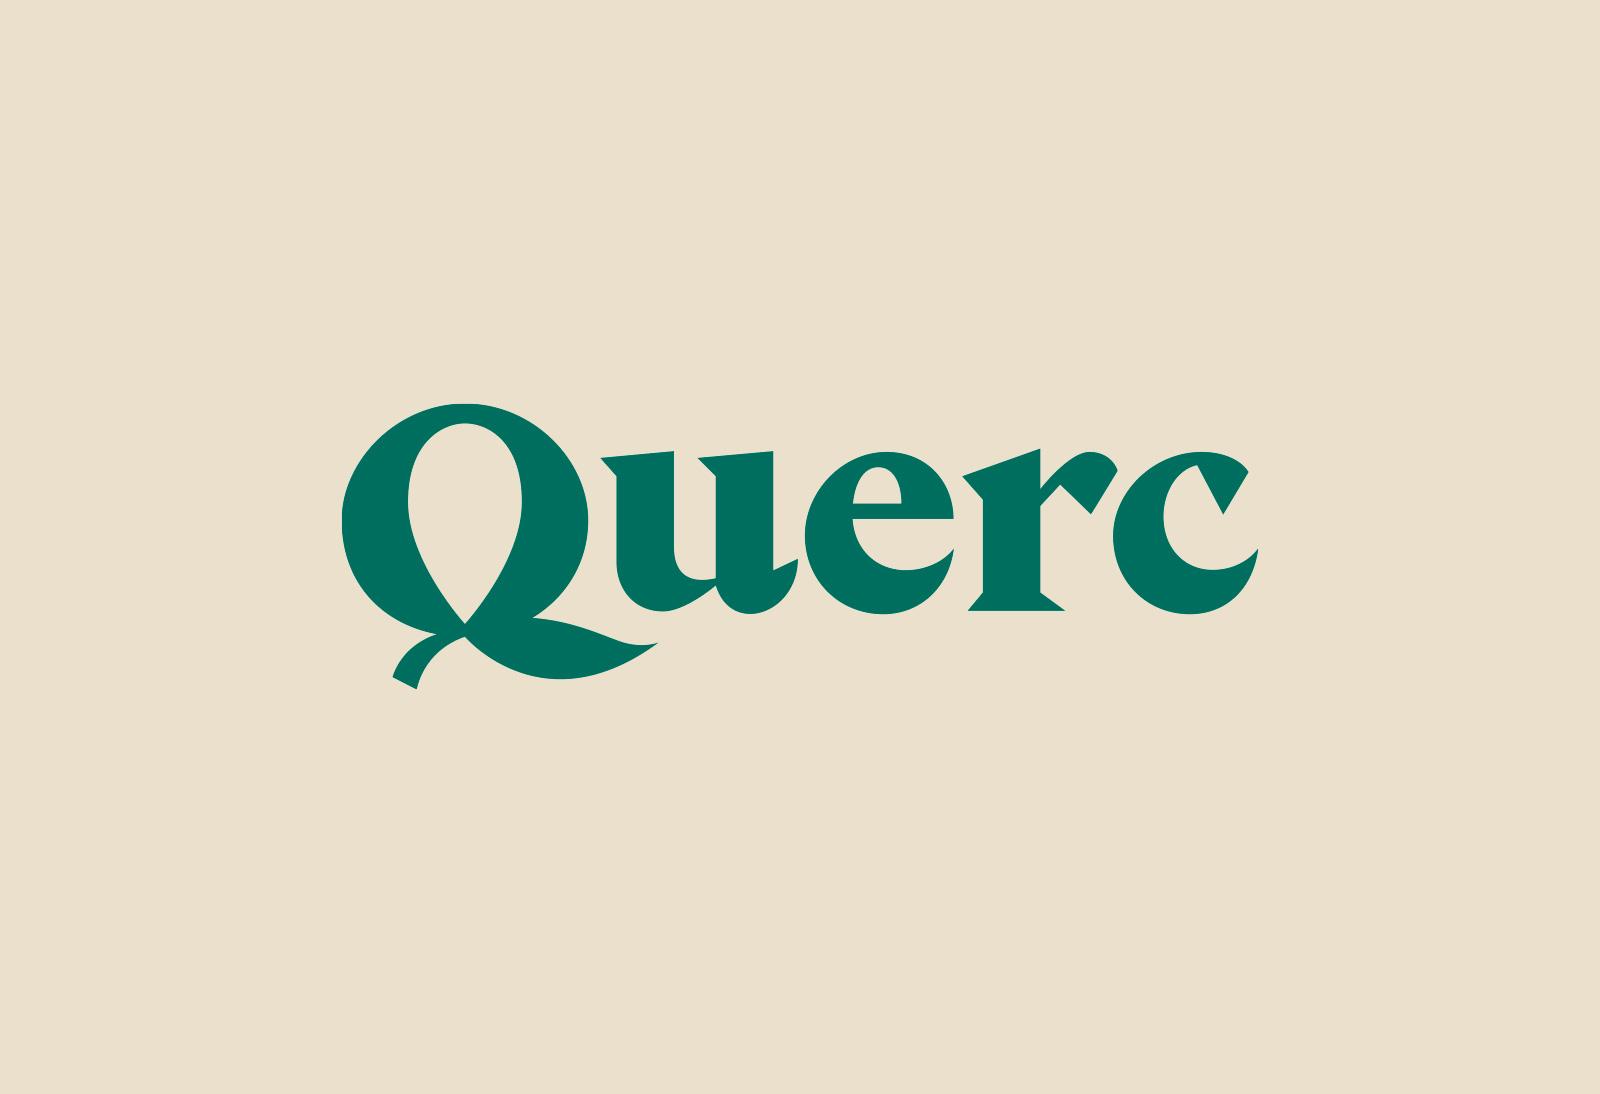 logotipo Querc